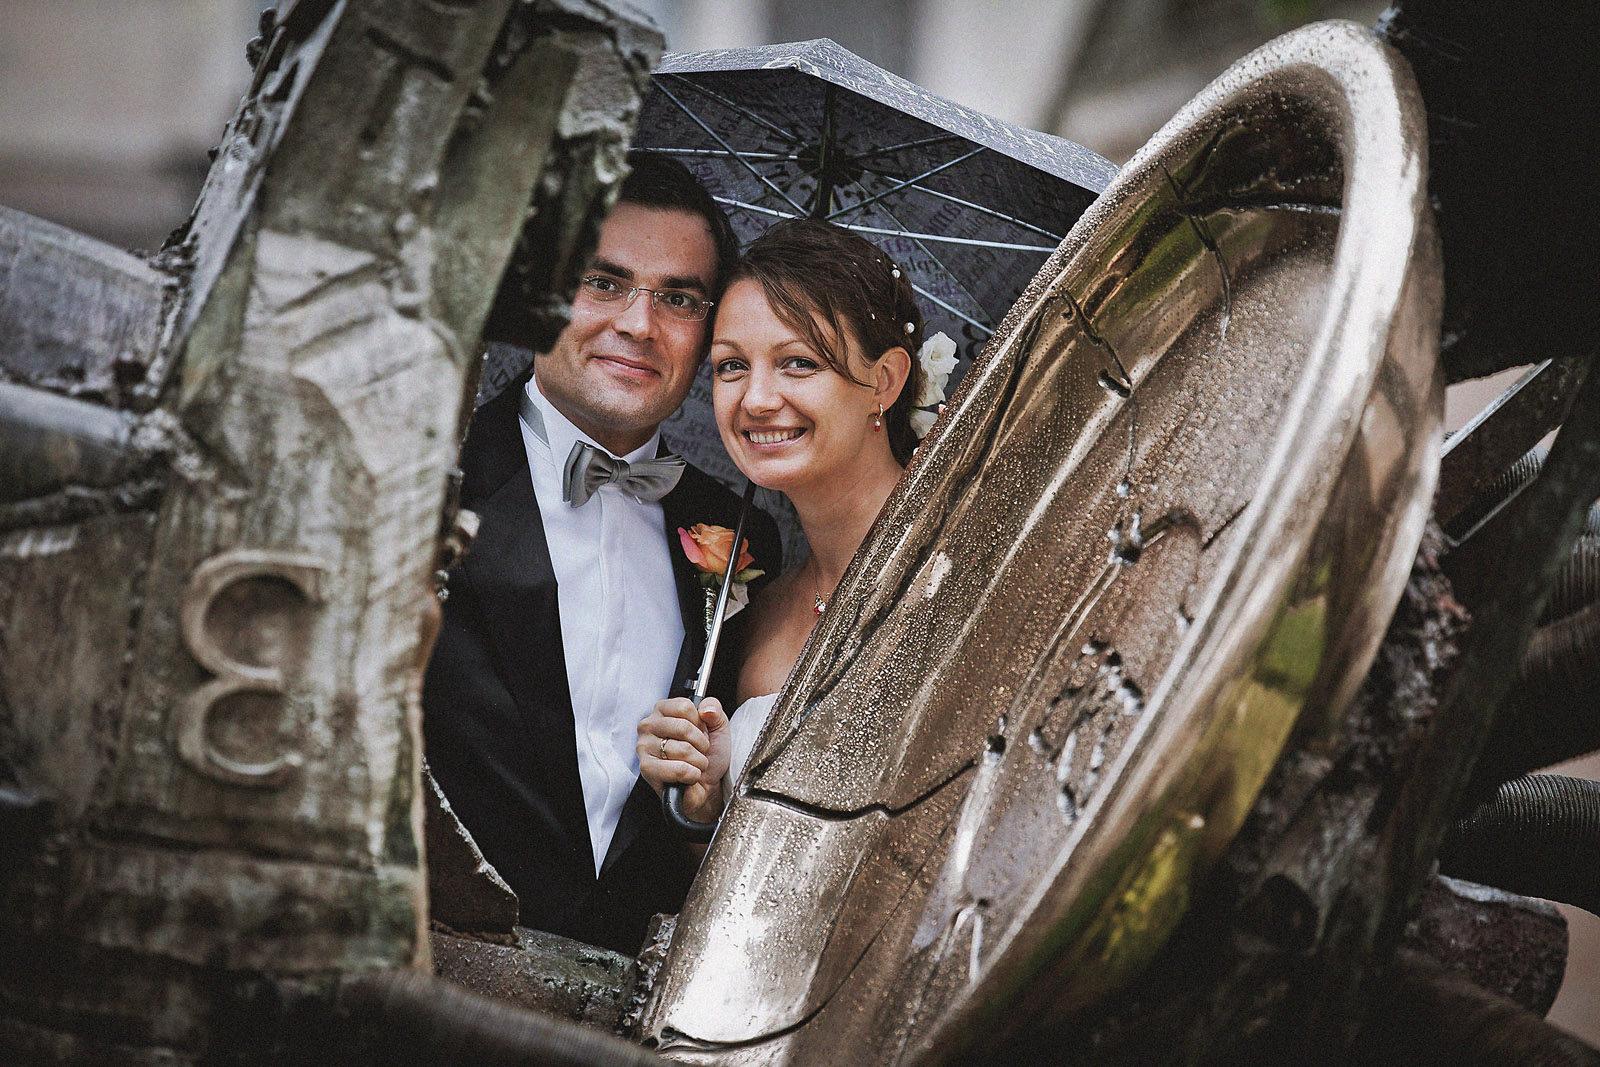 Hochzeitsfotograf mit einem Brautpaar auf der Museumsinsel in Berlin bei Regen